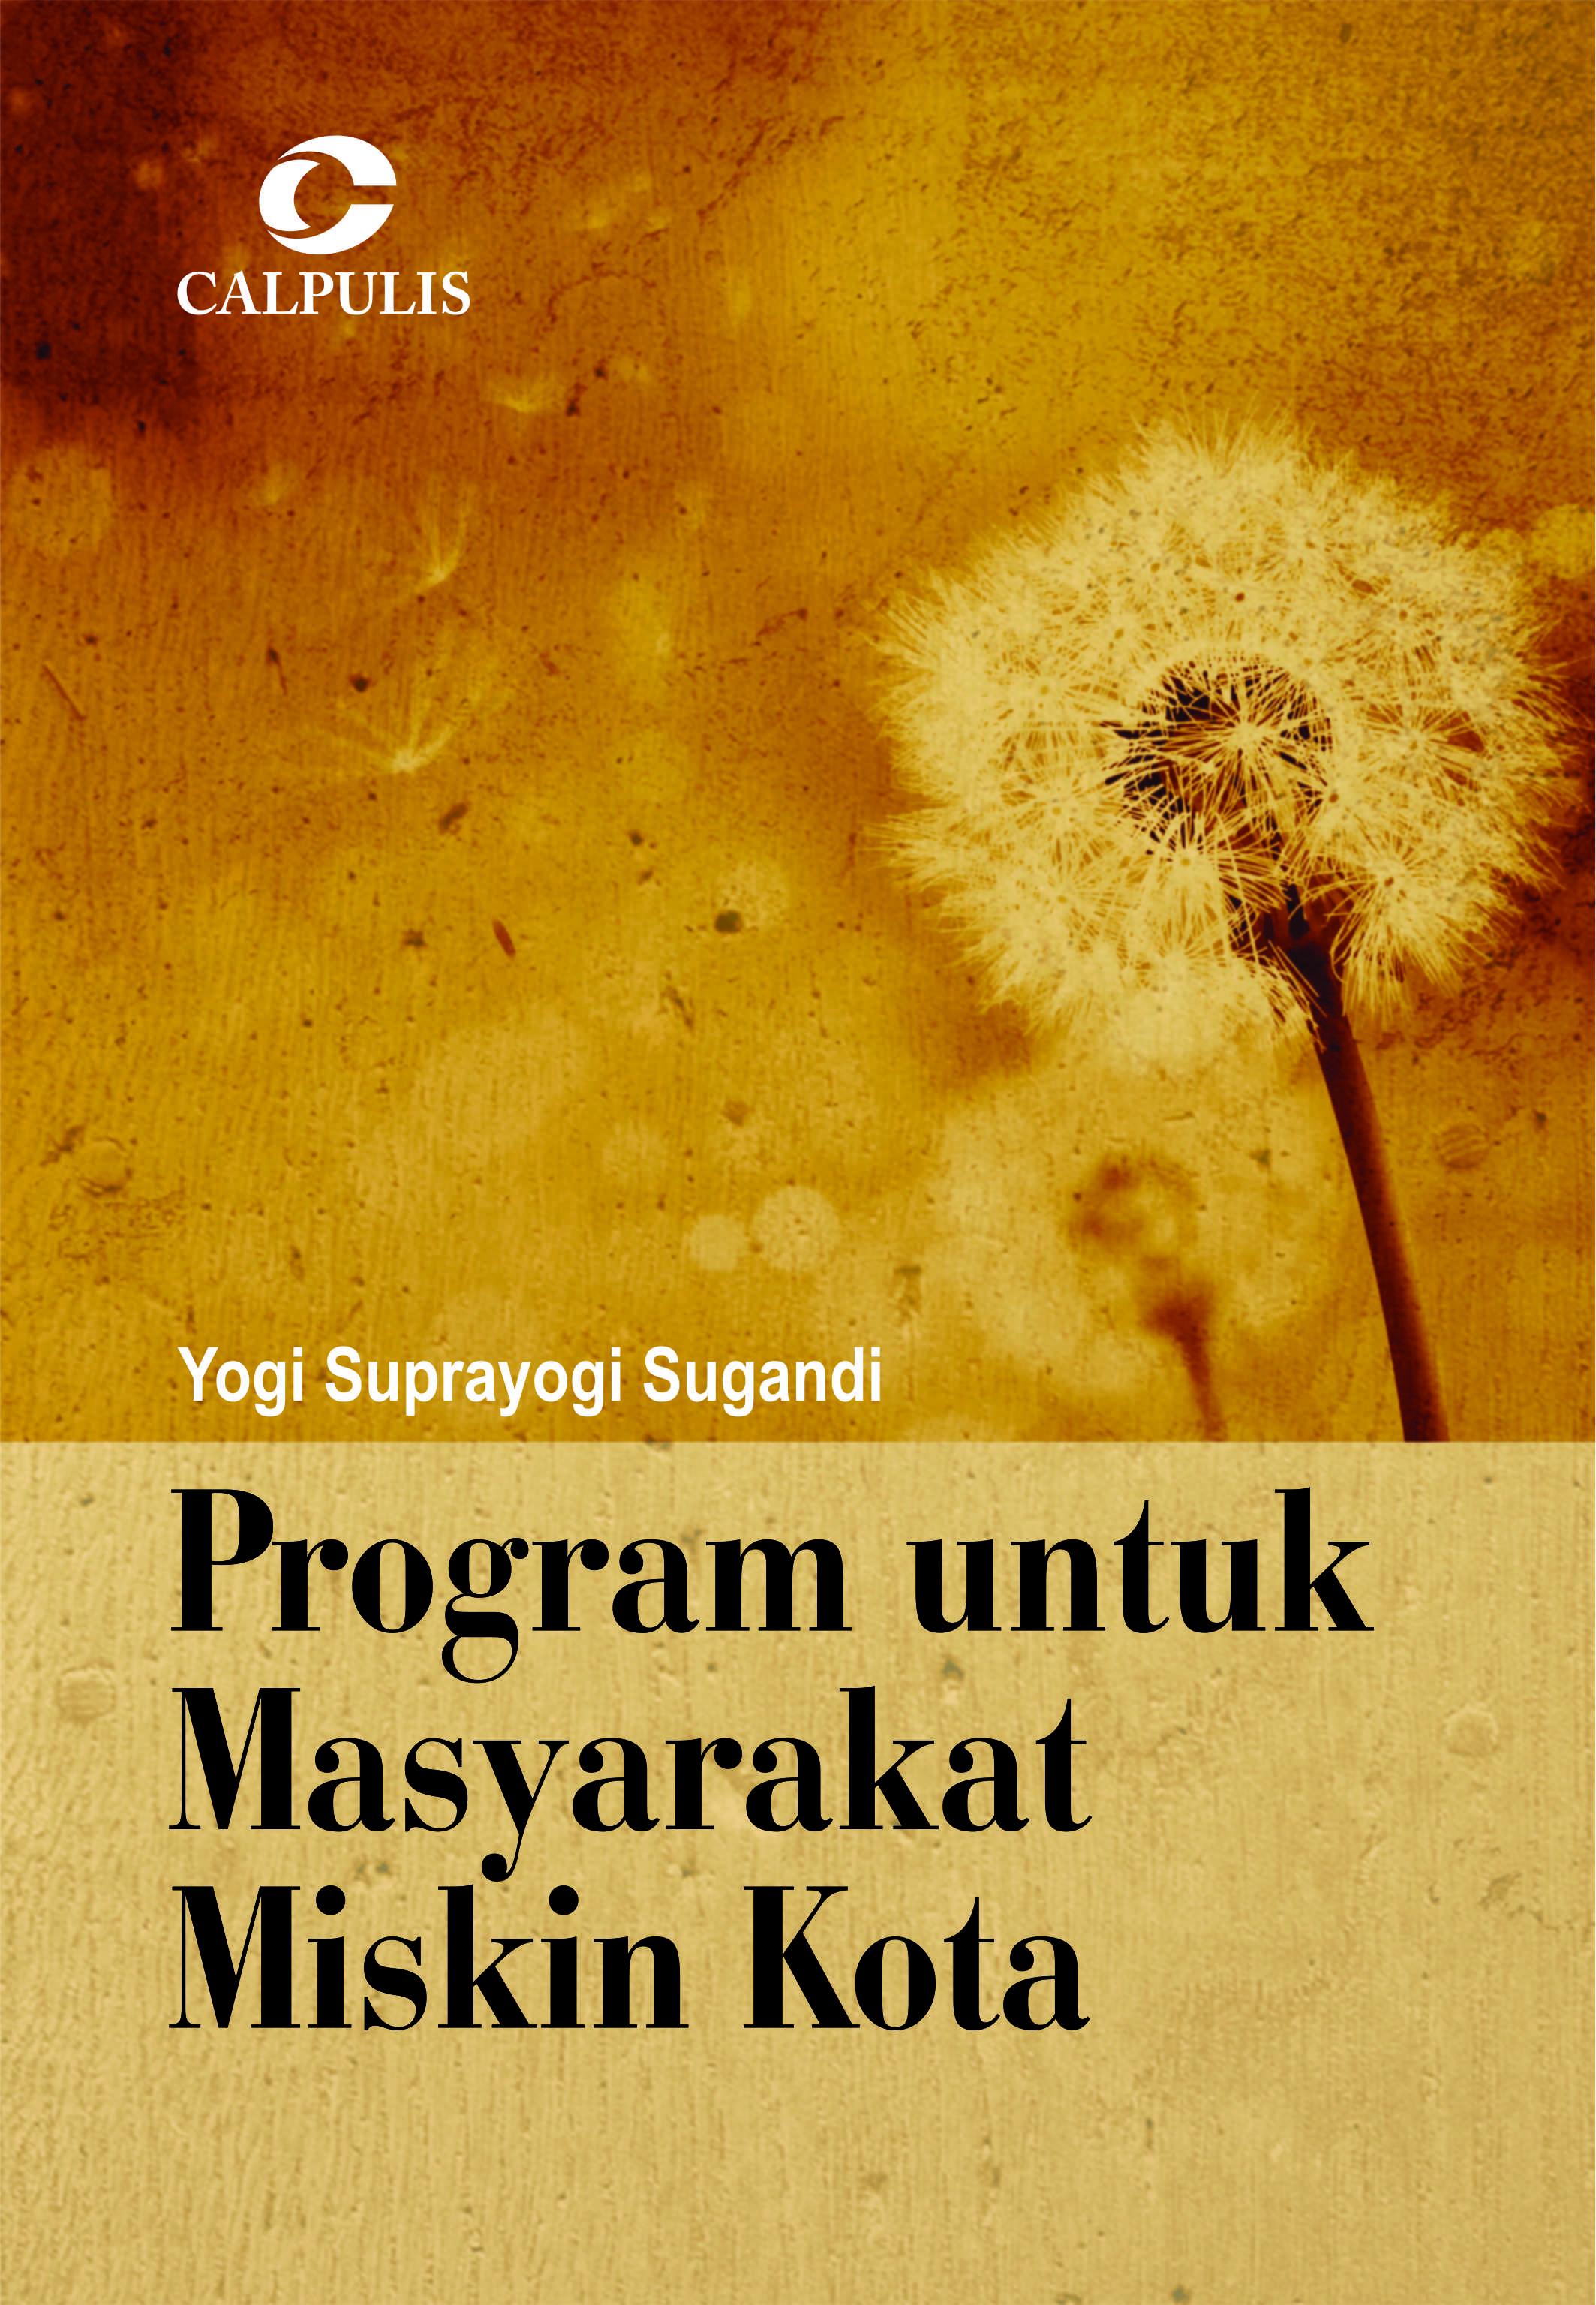 Program untuk Masyarakat Miskin Kota